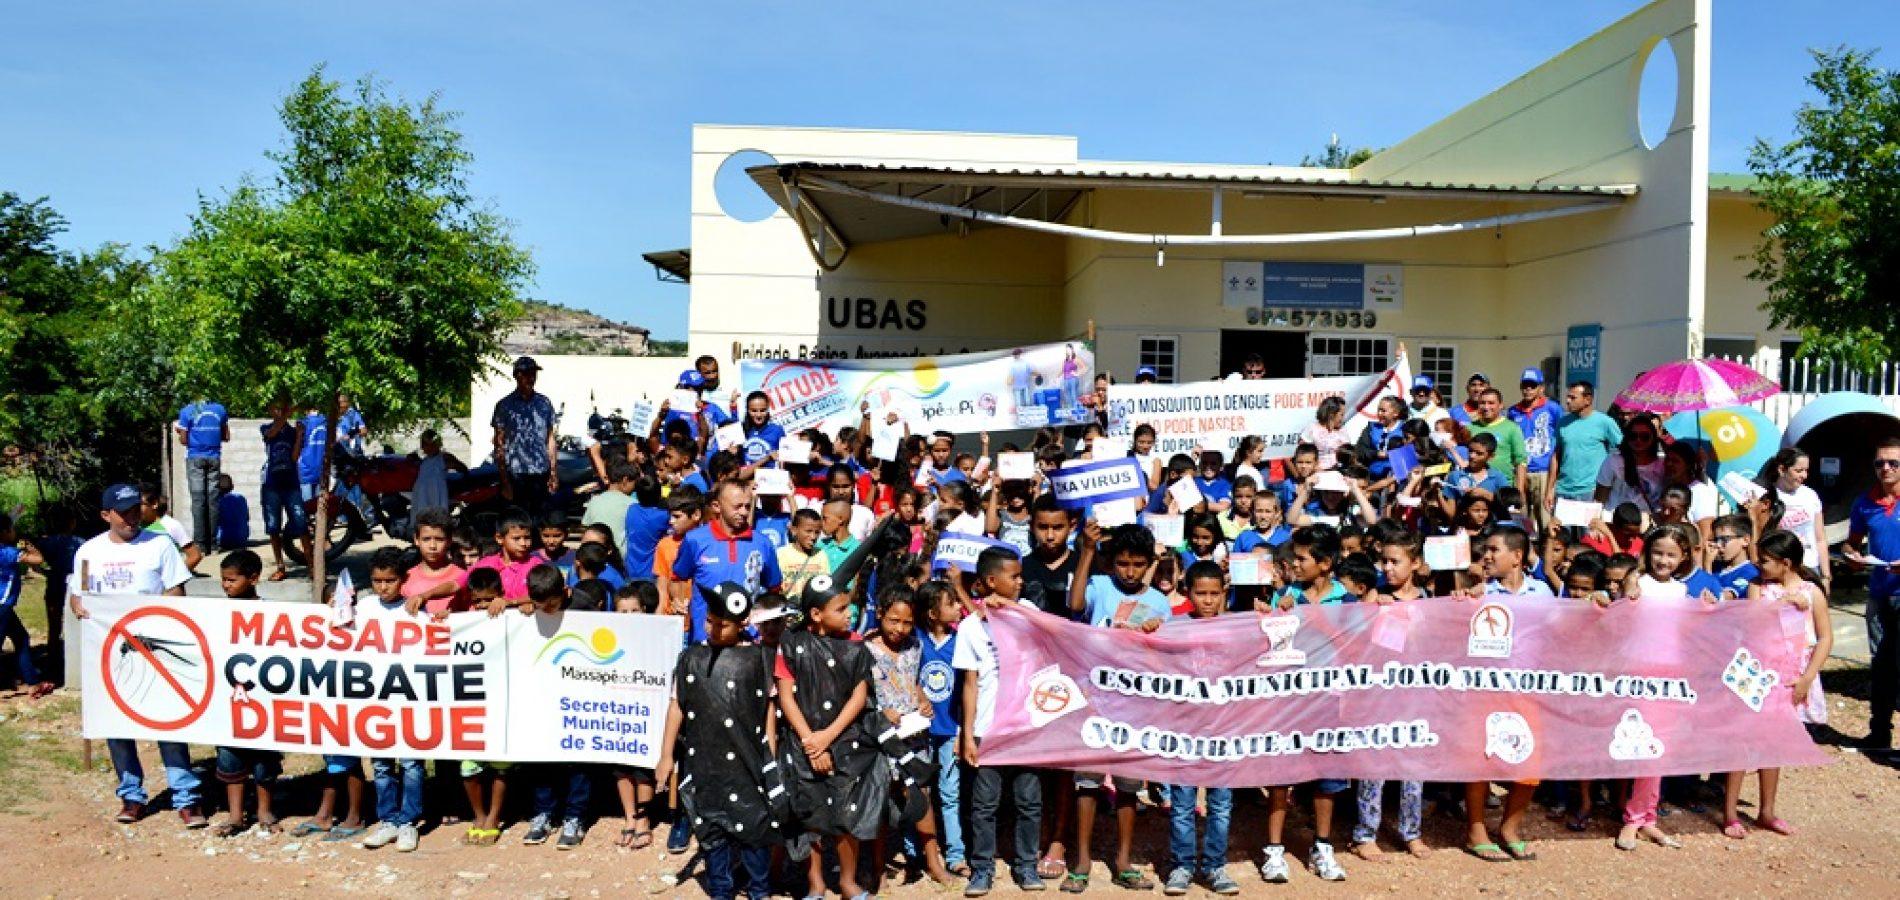 Massapê do Piauí realiza mobilização de combate ao mosquito 'aedes aegypti'; veja fotos